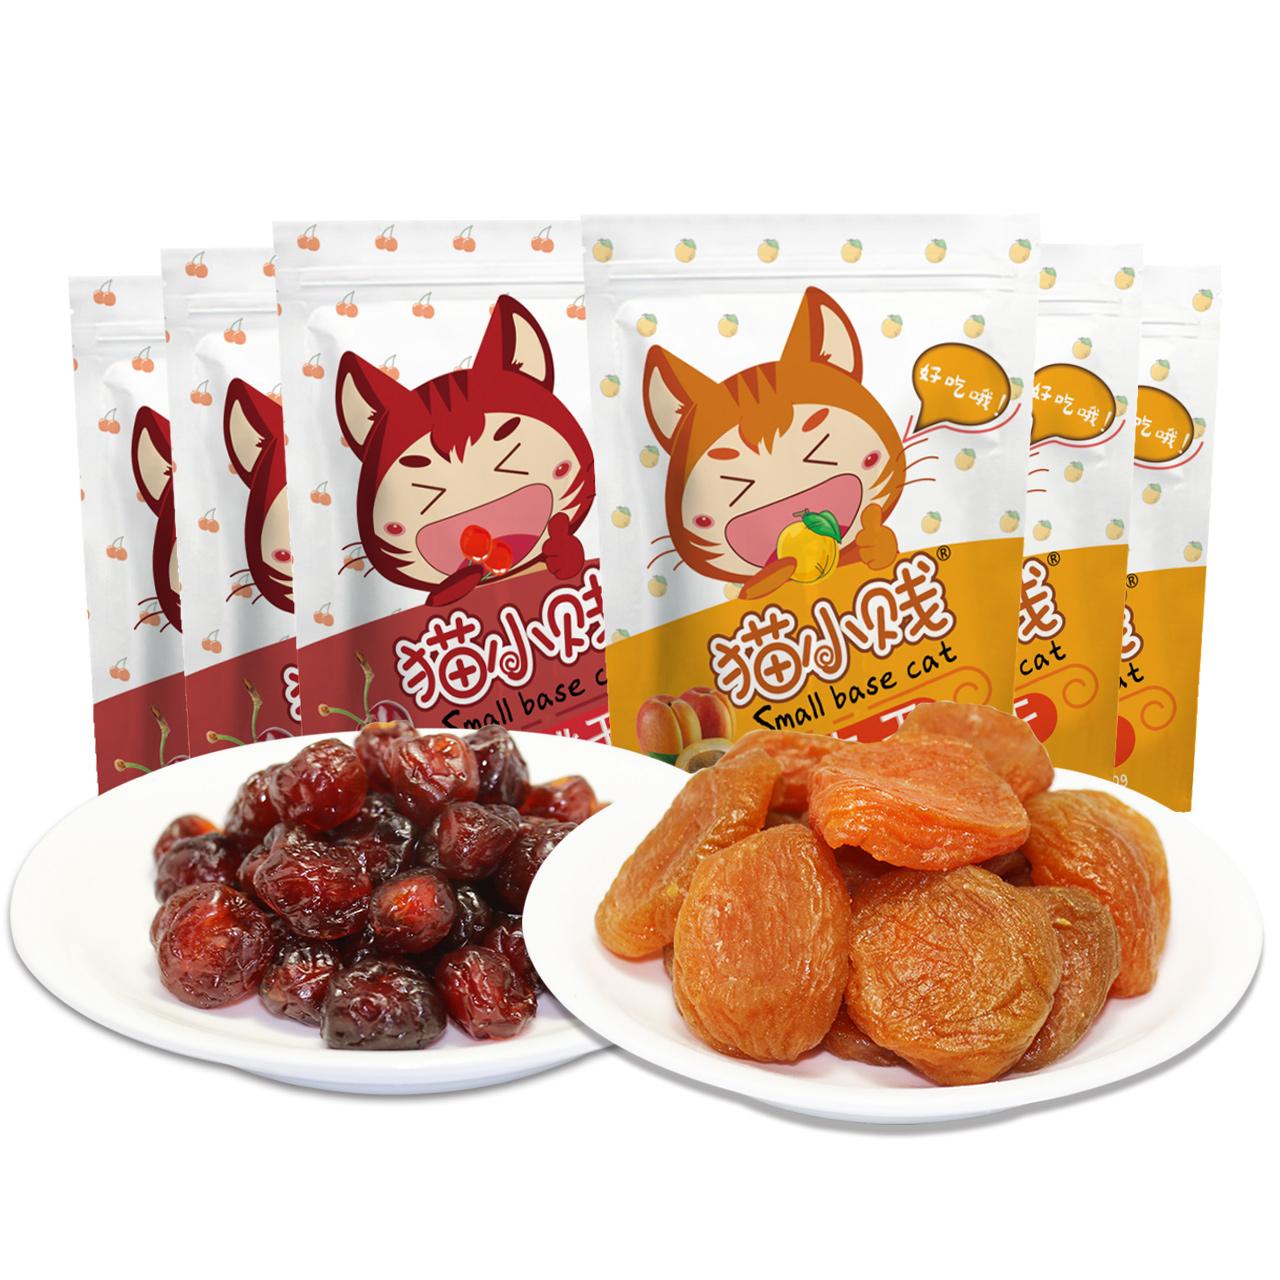 猫小贱樱桃干杏干50g*6袋 休闲零食水果果干果脯果肉蜜饯携带方便